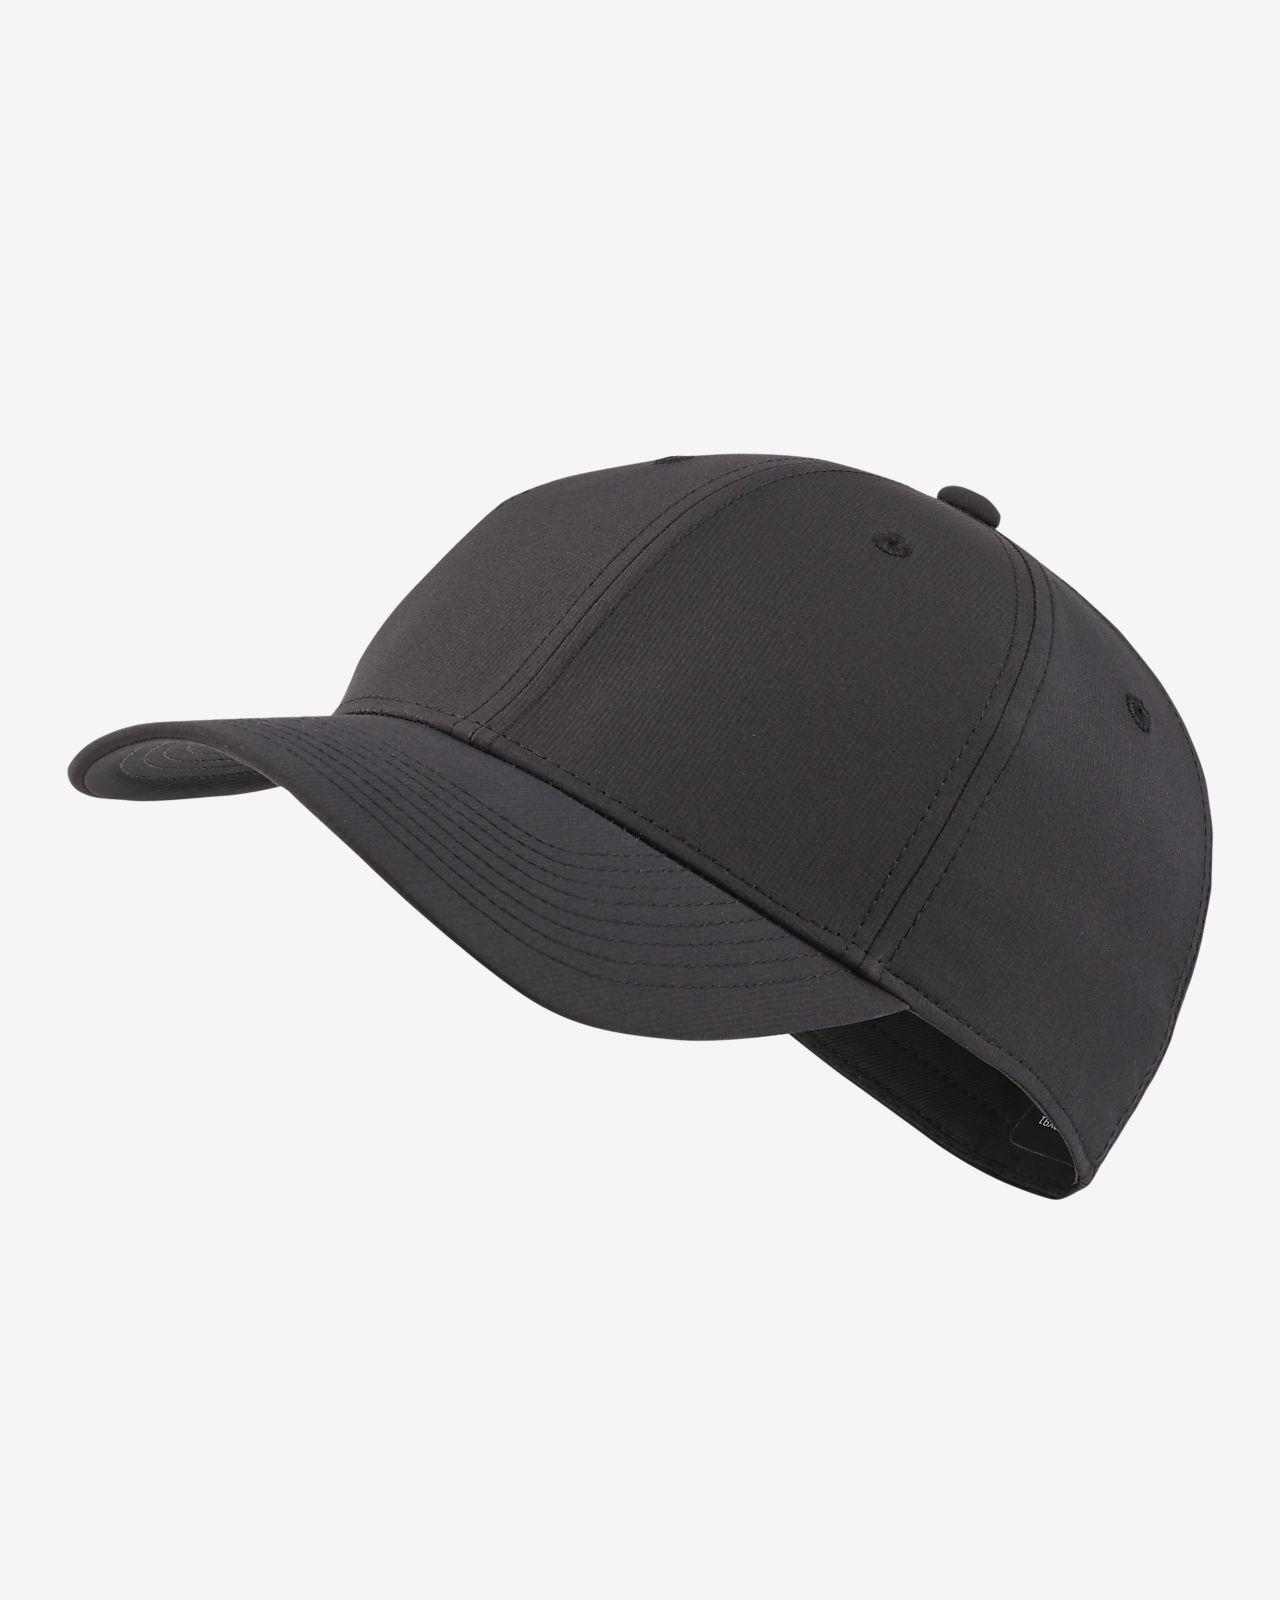 4645ff2b Nike Dri-FIT Legacy91 Golf Hat. Nike.com CA